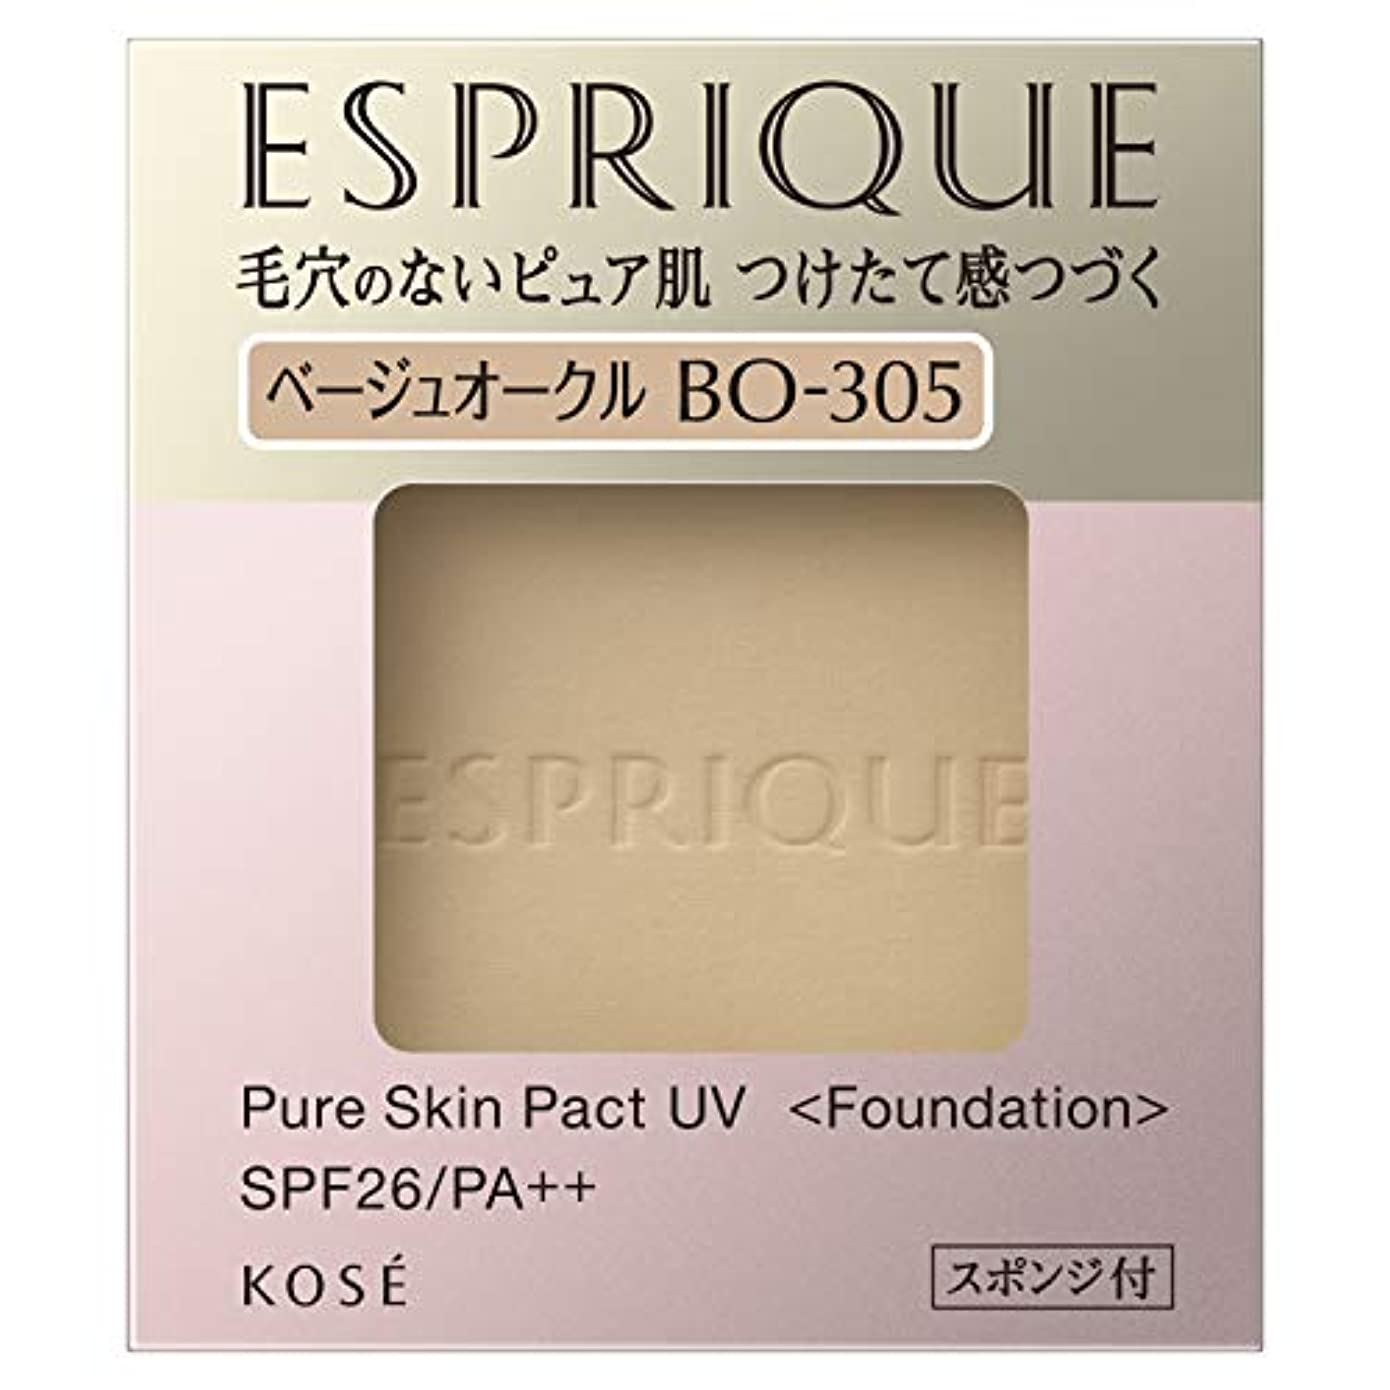 追放タイマーソーダ水エスプリーク ピュアスキン パクト UV BO-305 ベージュオークル 9.3g